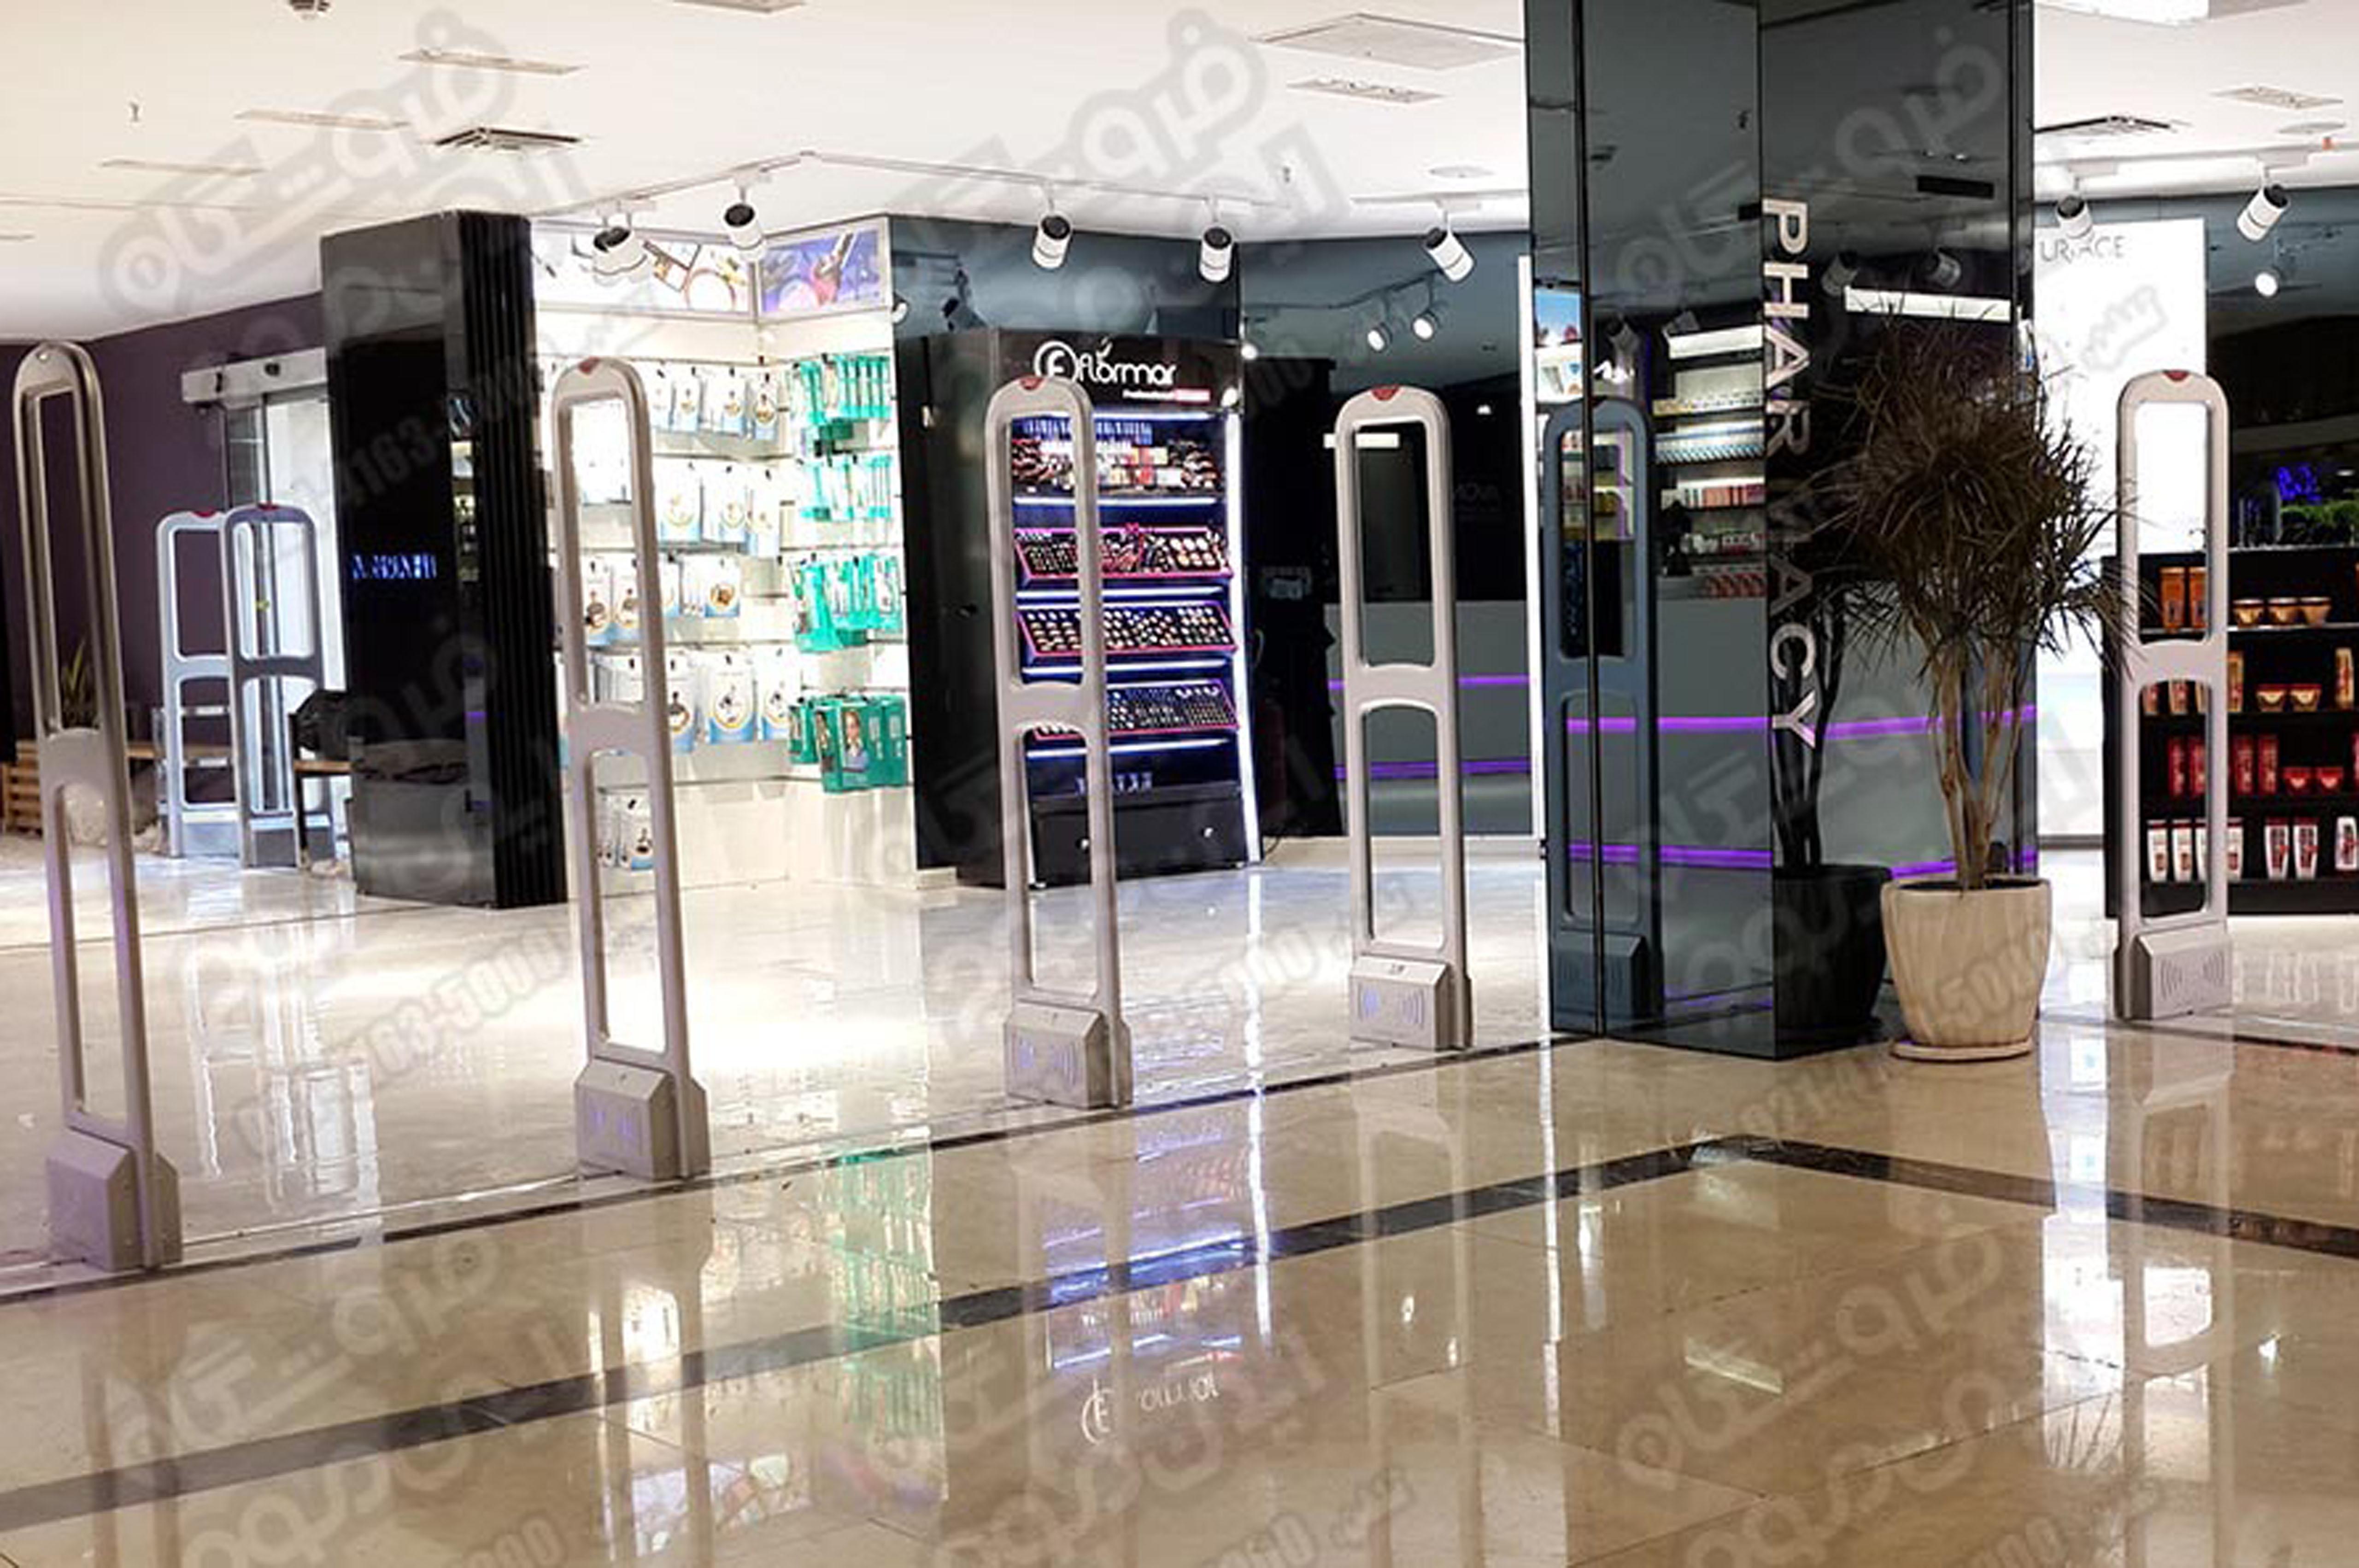 گیت-فروشگاهی-سوپر-گیت-نصب-شده-در-فروشگاه-لوازم-آرایشی